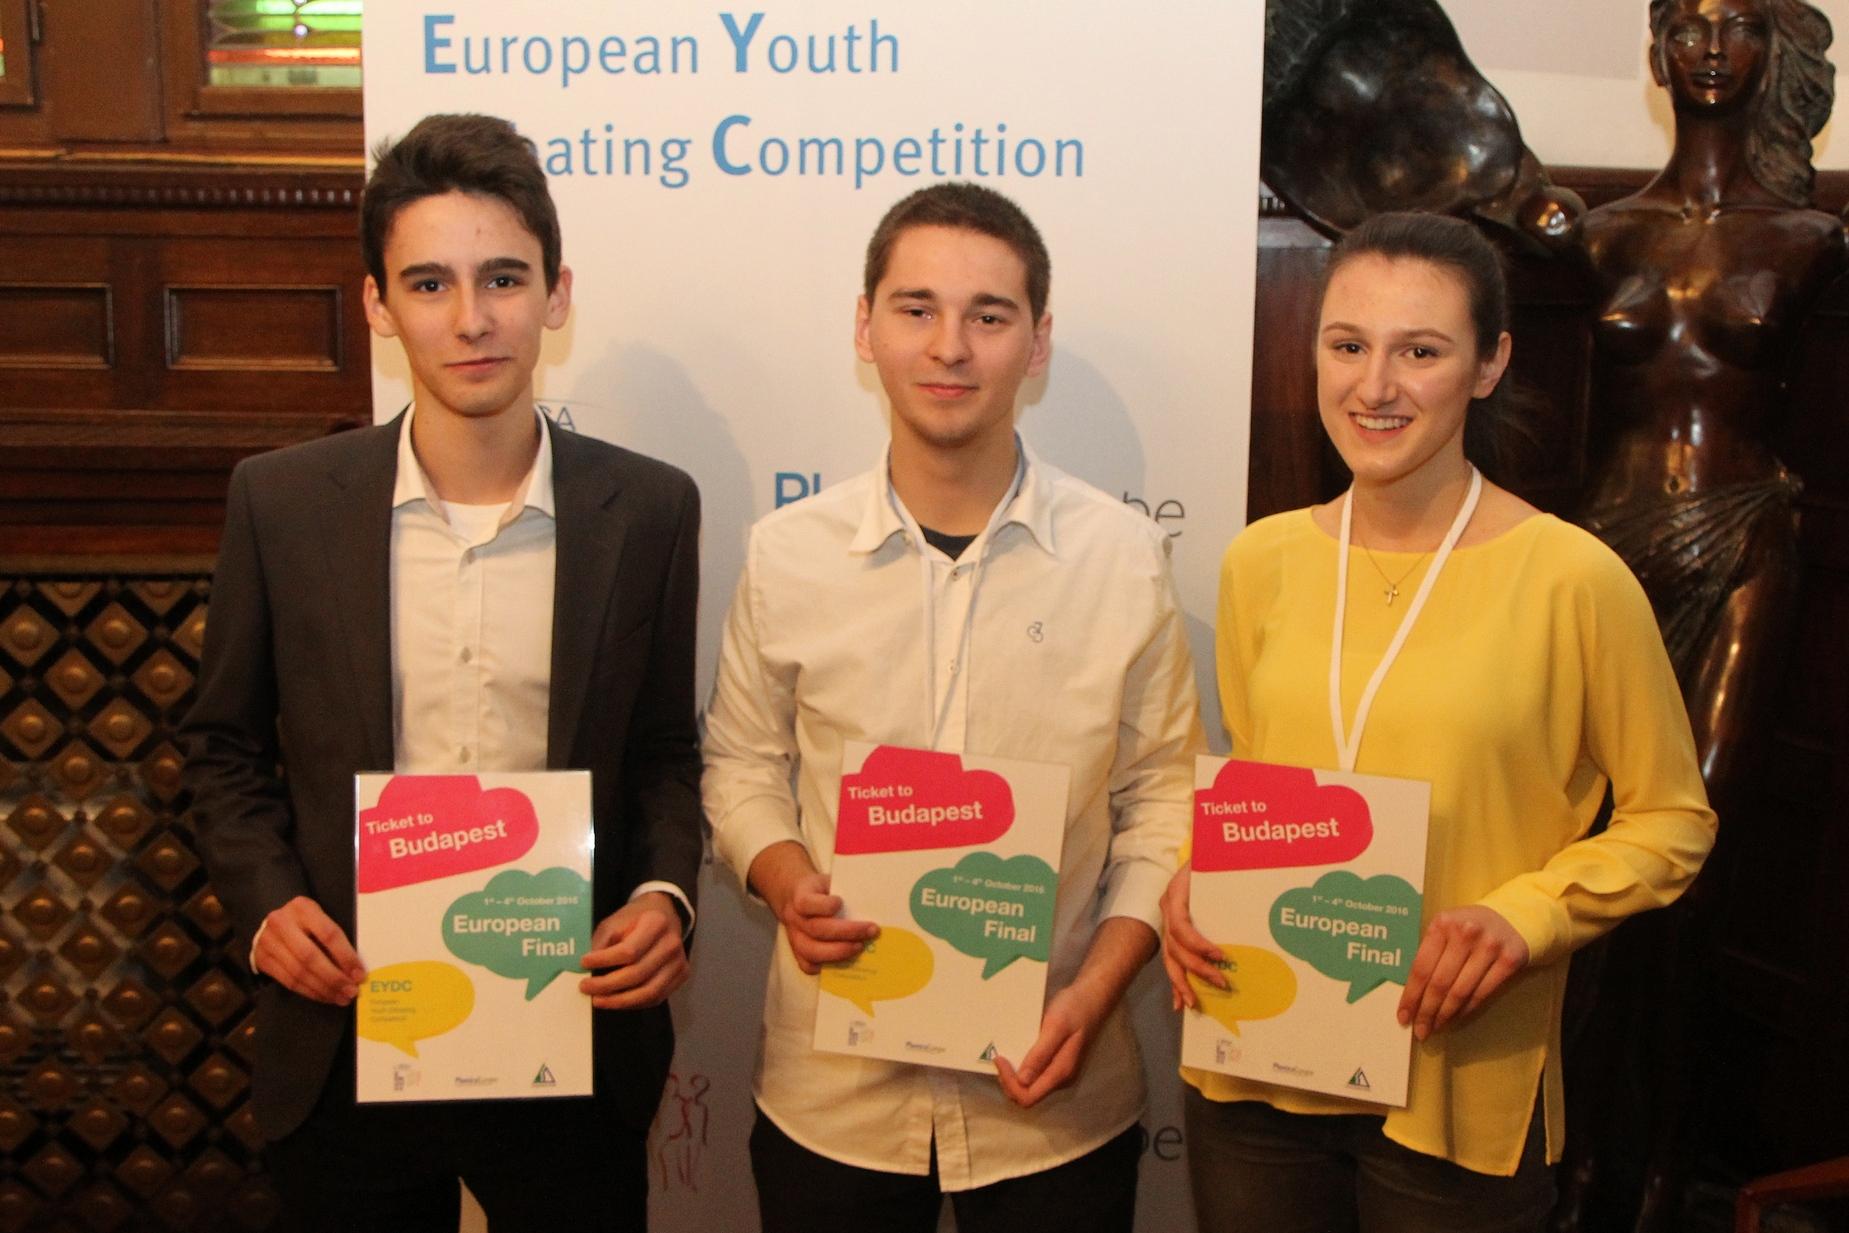 Die drei Gewinner des kroatischen Jugend-Debattierwettbewerbs: Luka Baković, Tomislav Veble und Matea Maloča